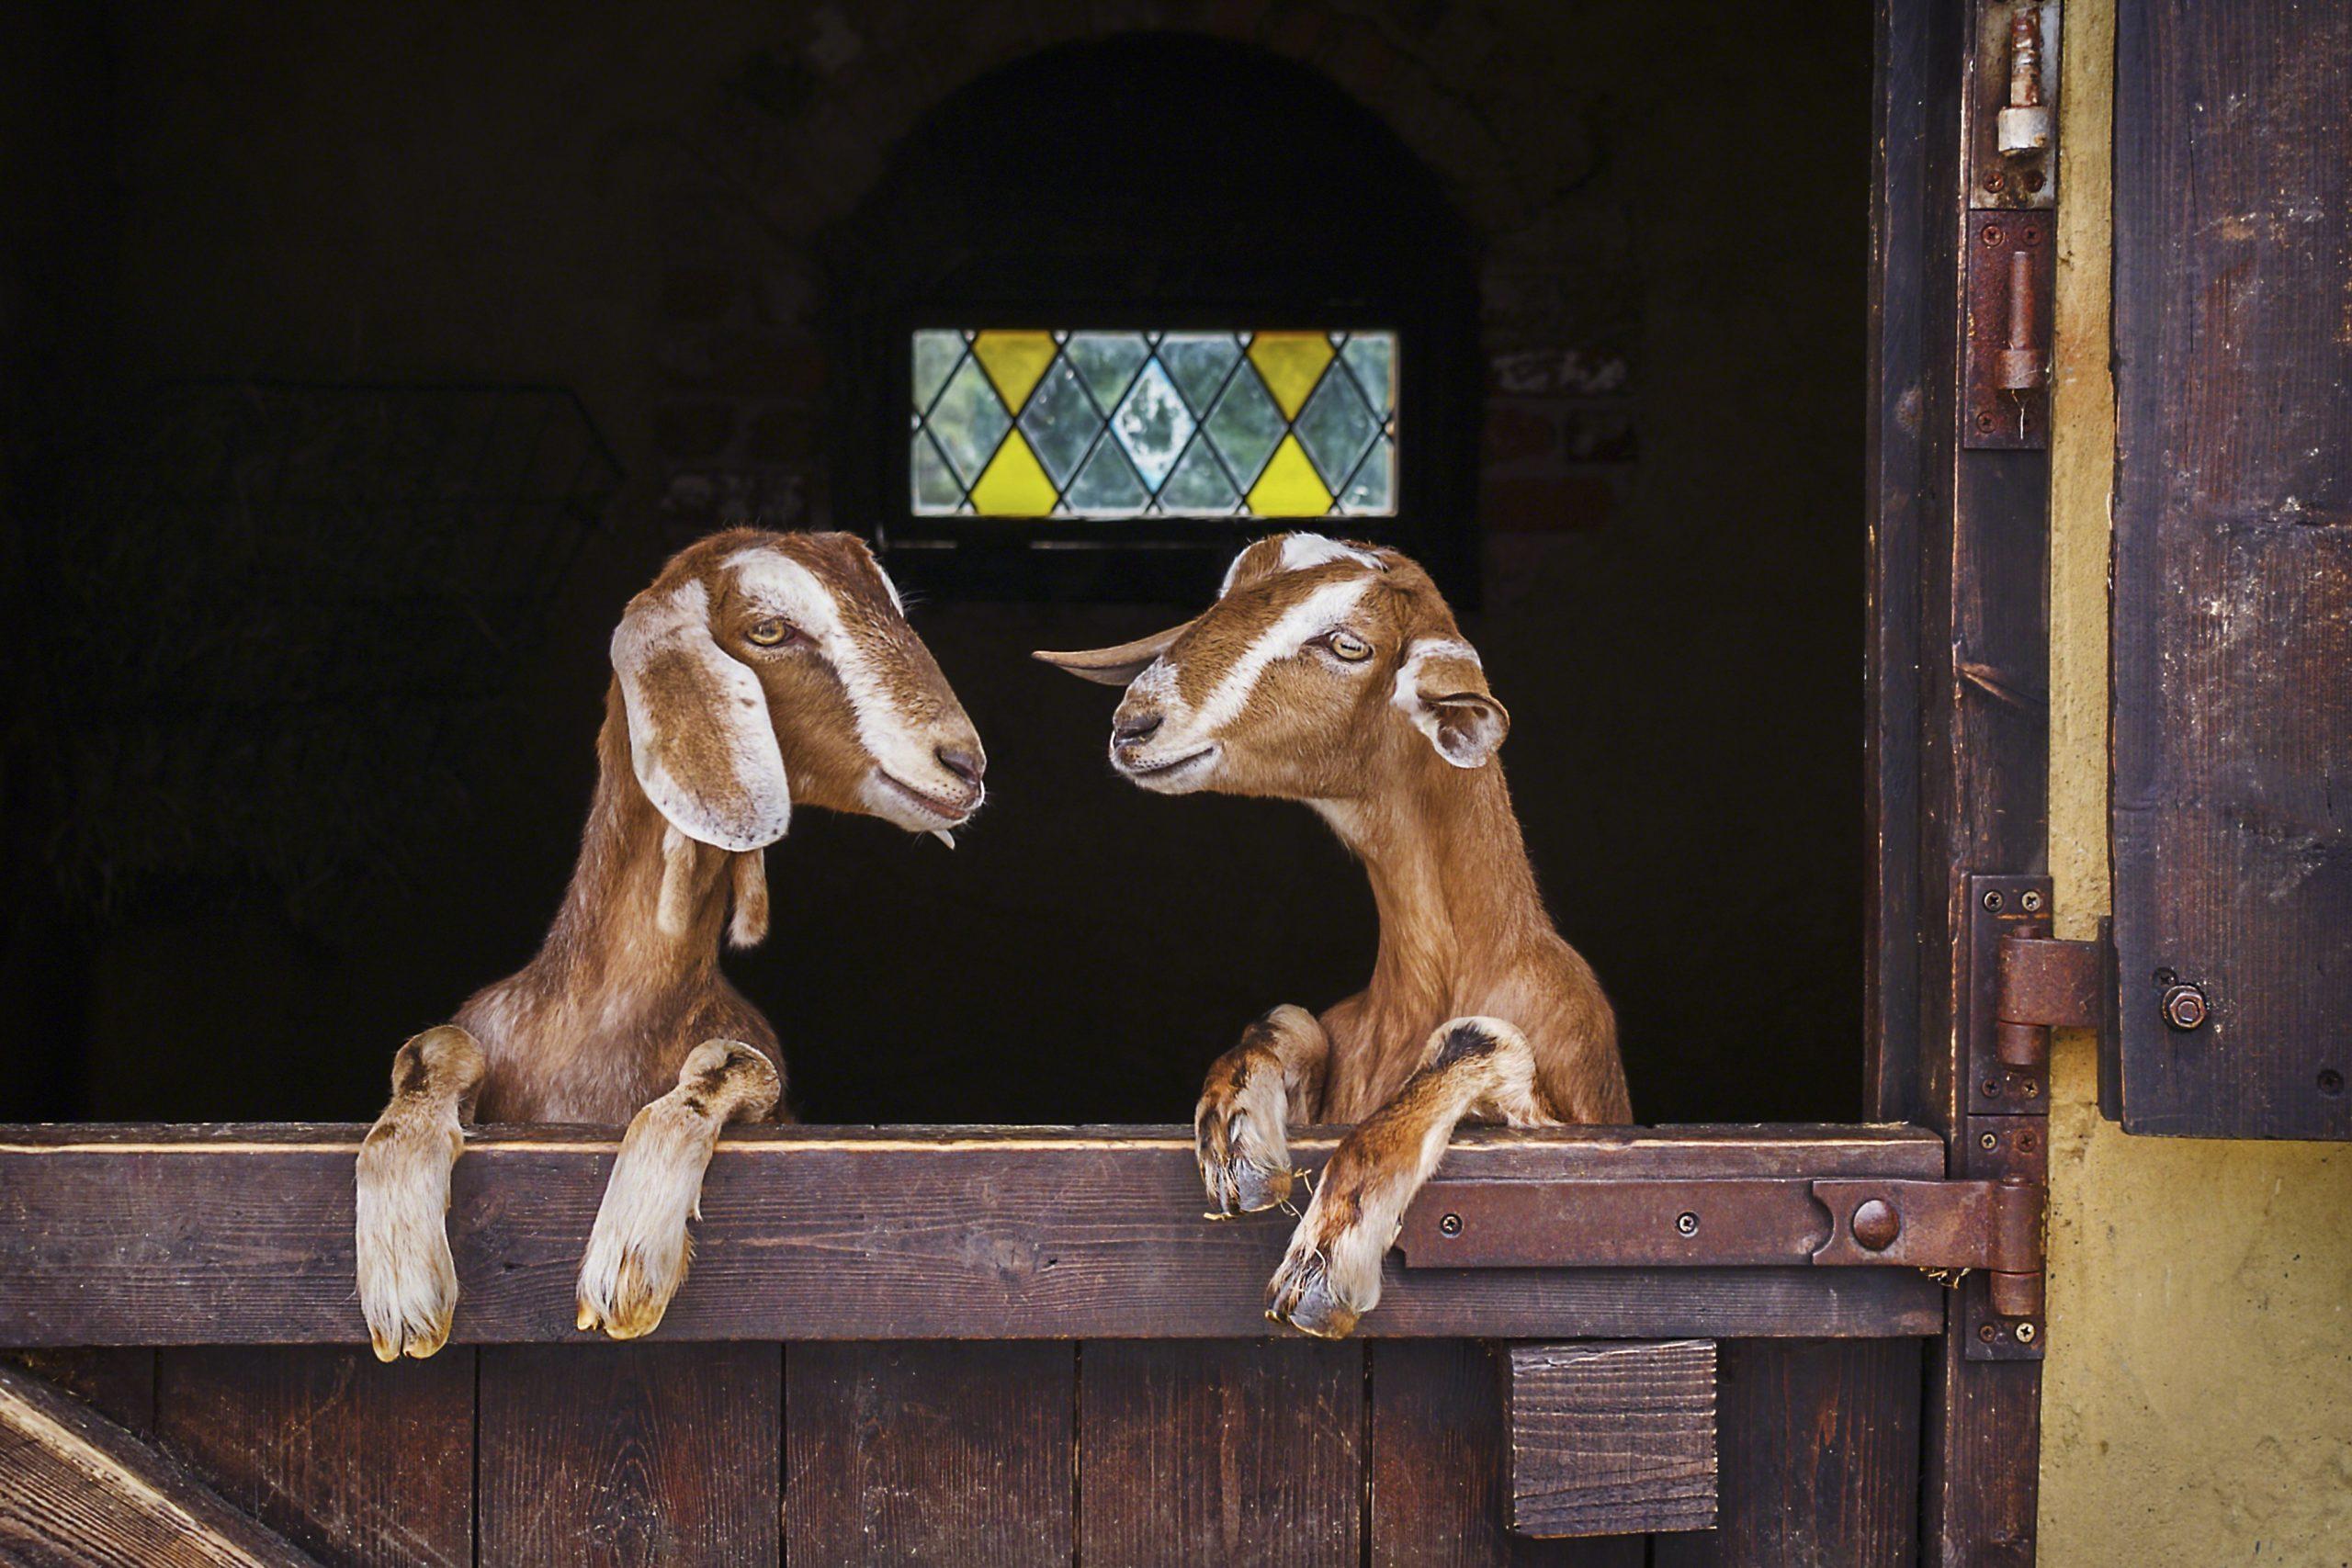 Two goats leaning on barn door, England, UK